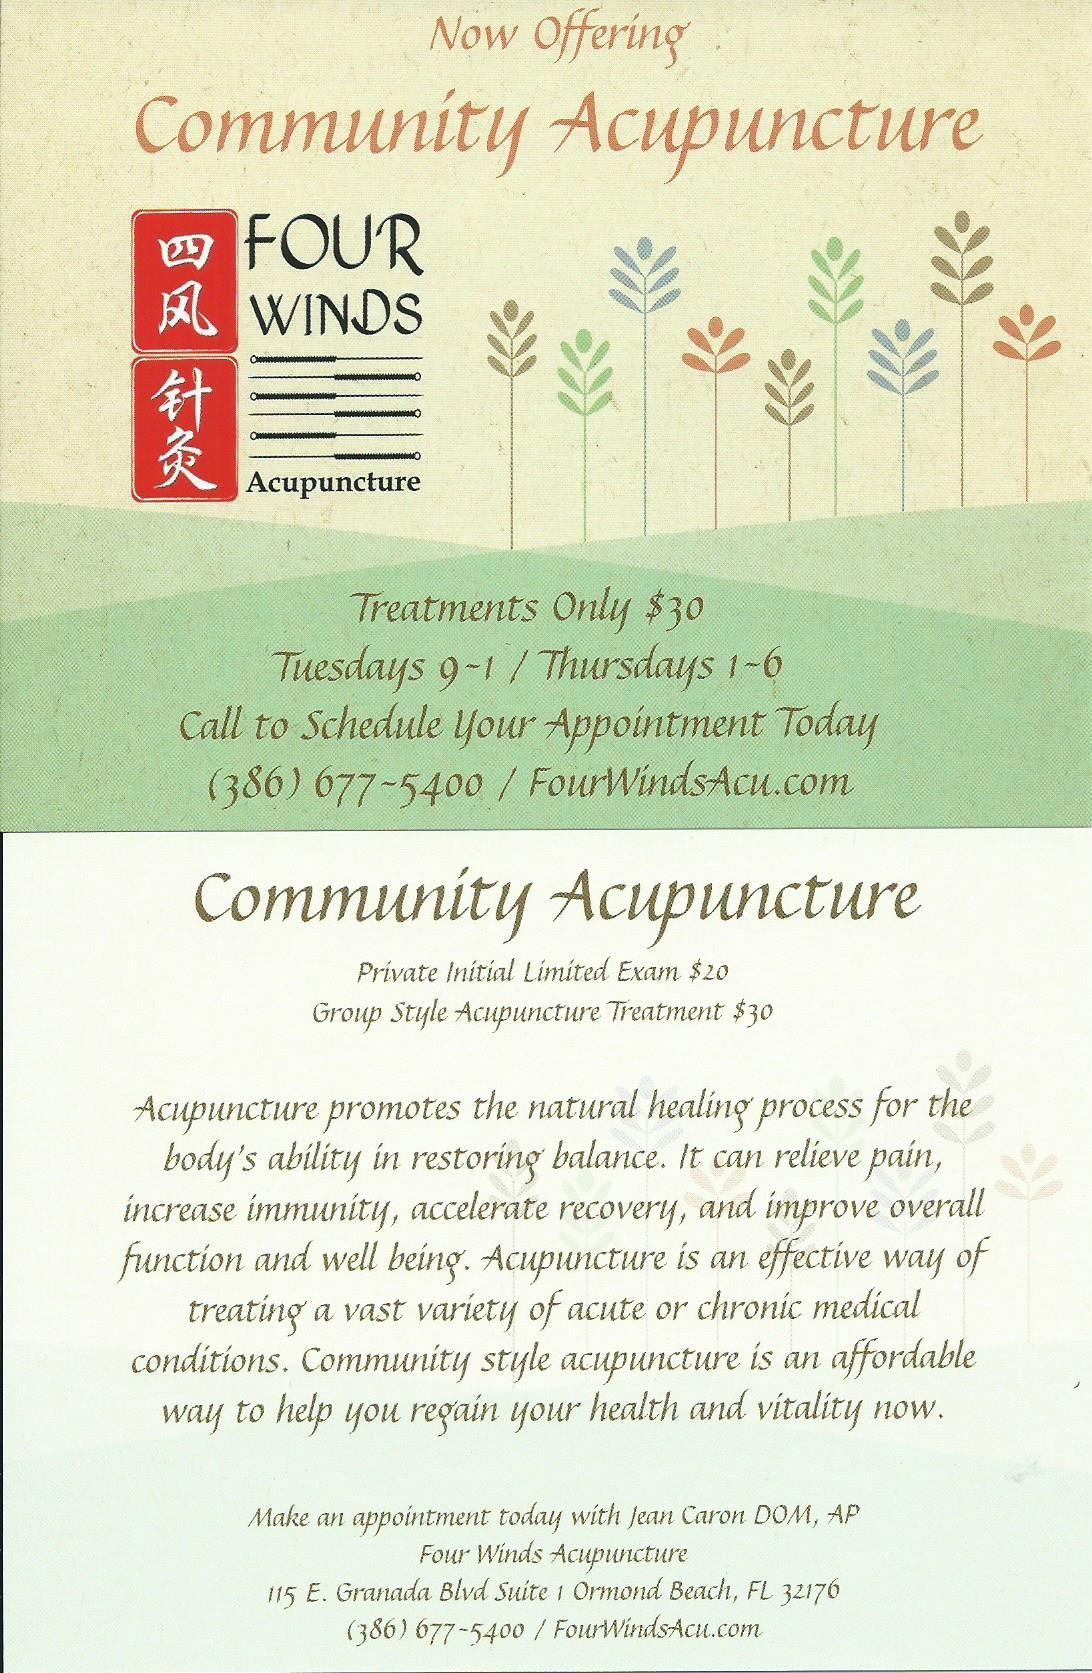 Four winds acupuncture fourwindsacu on pinterest